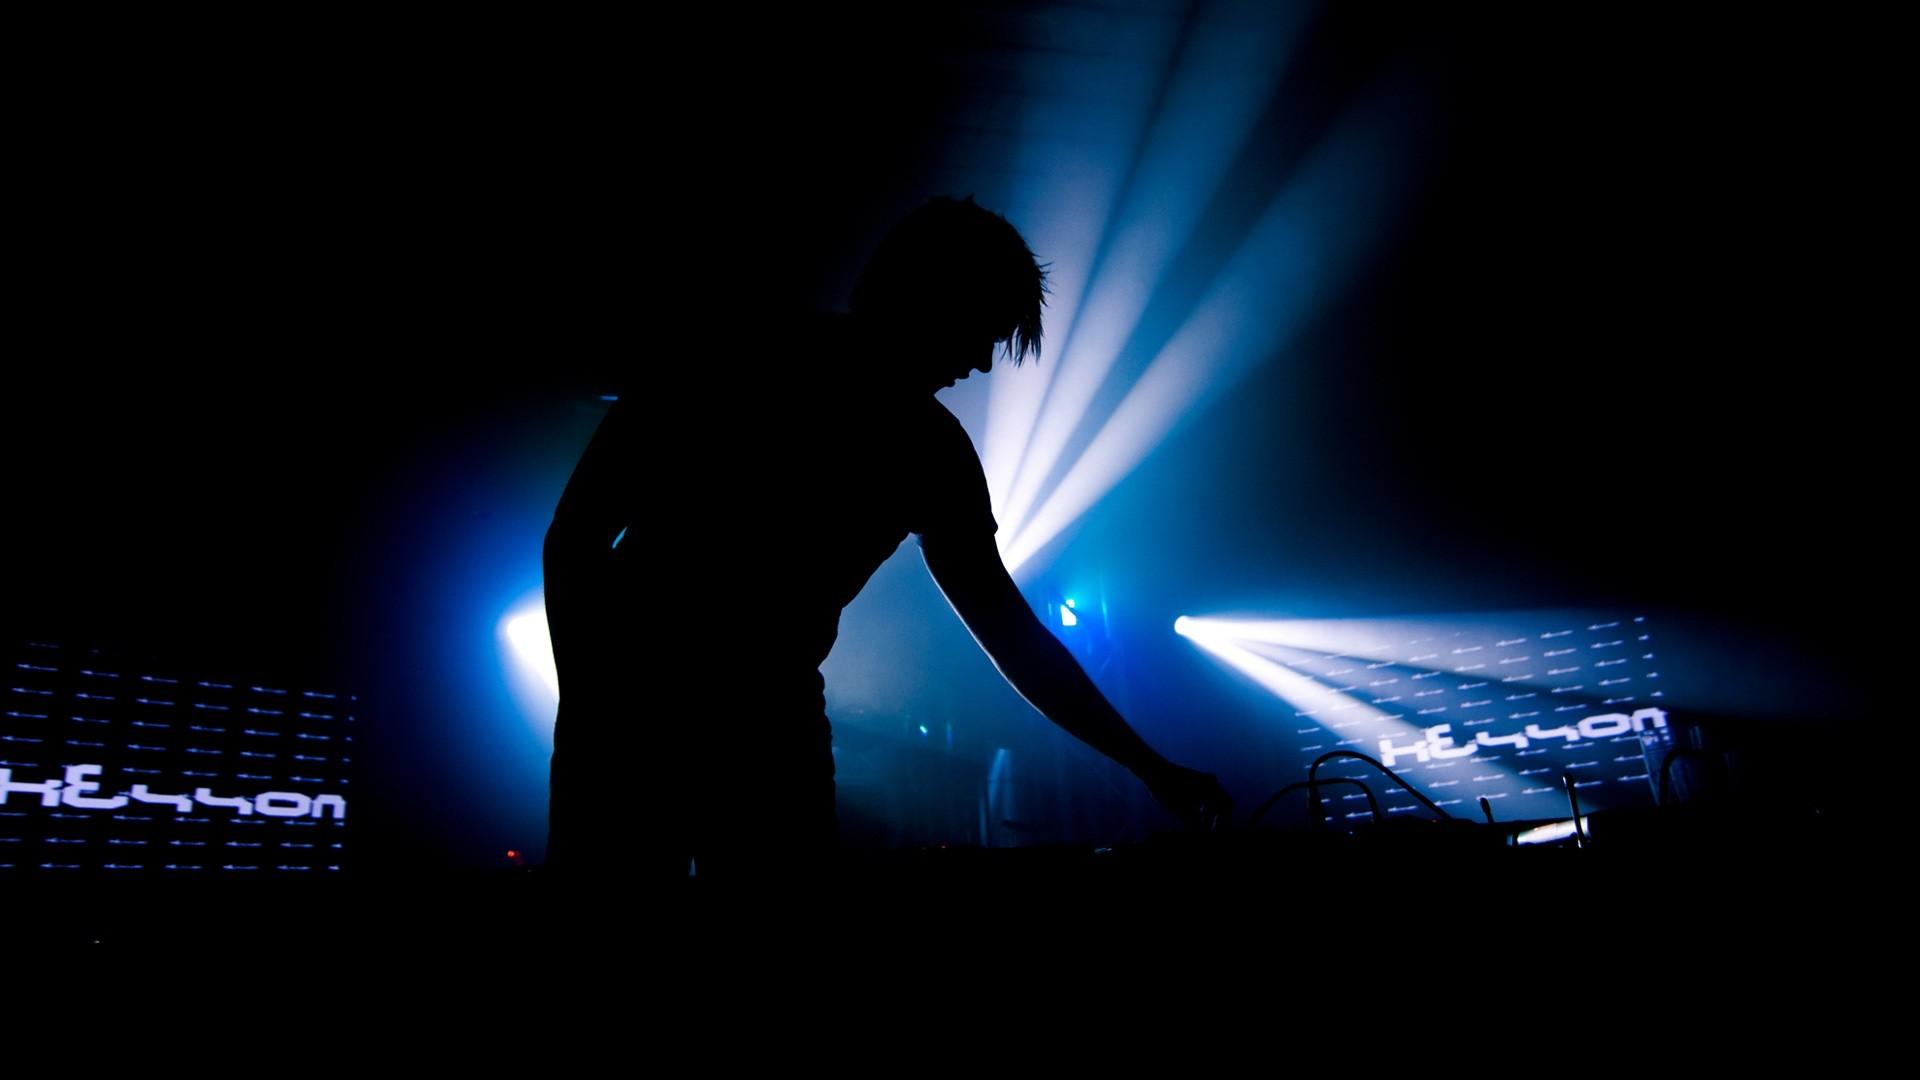 Music DJ Wallpaper Full HD 1920x1080